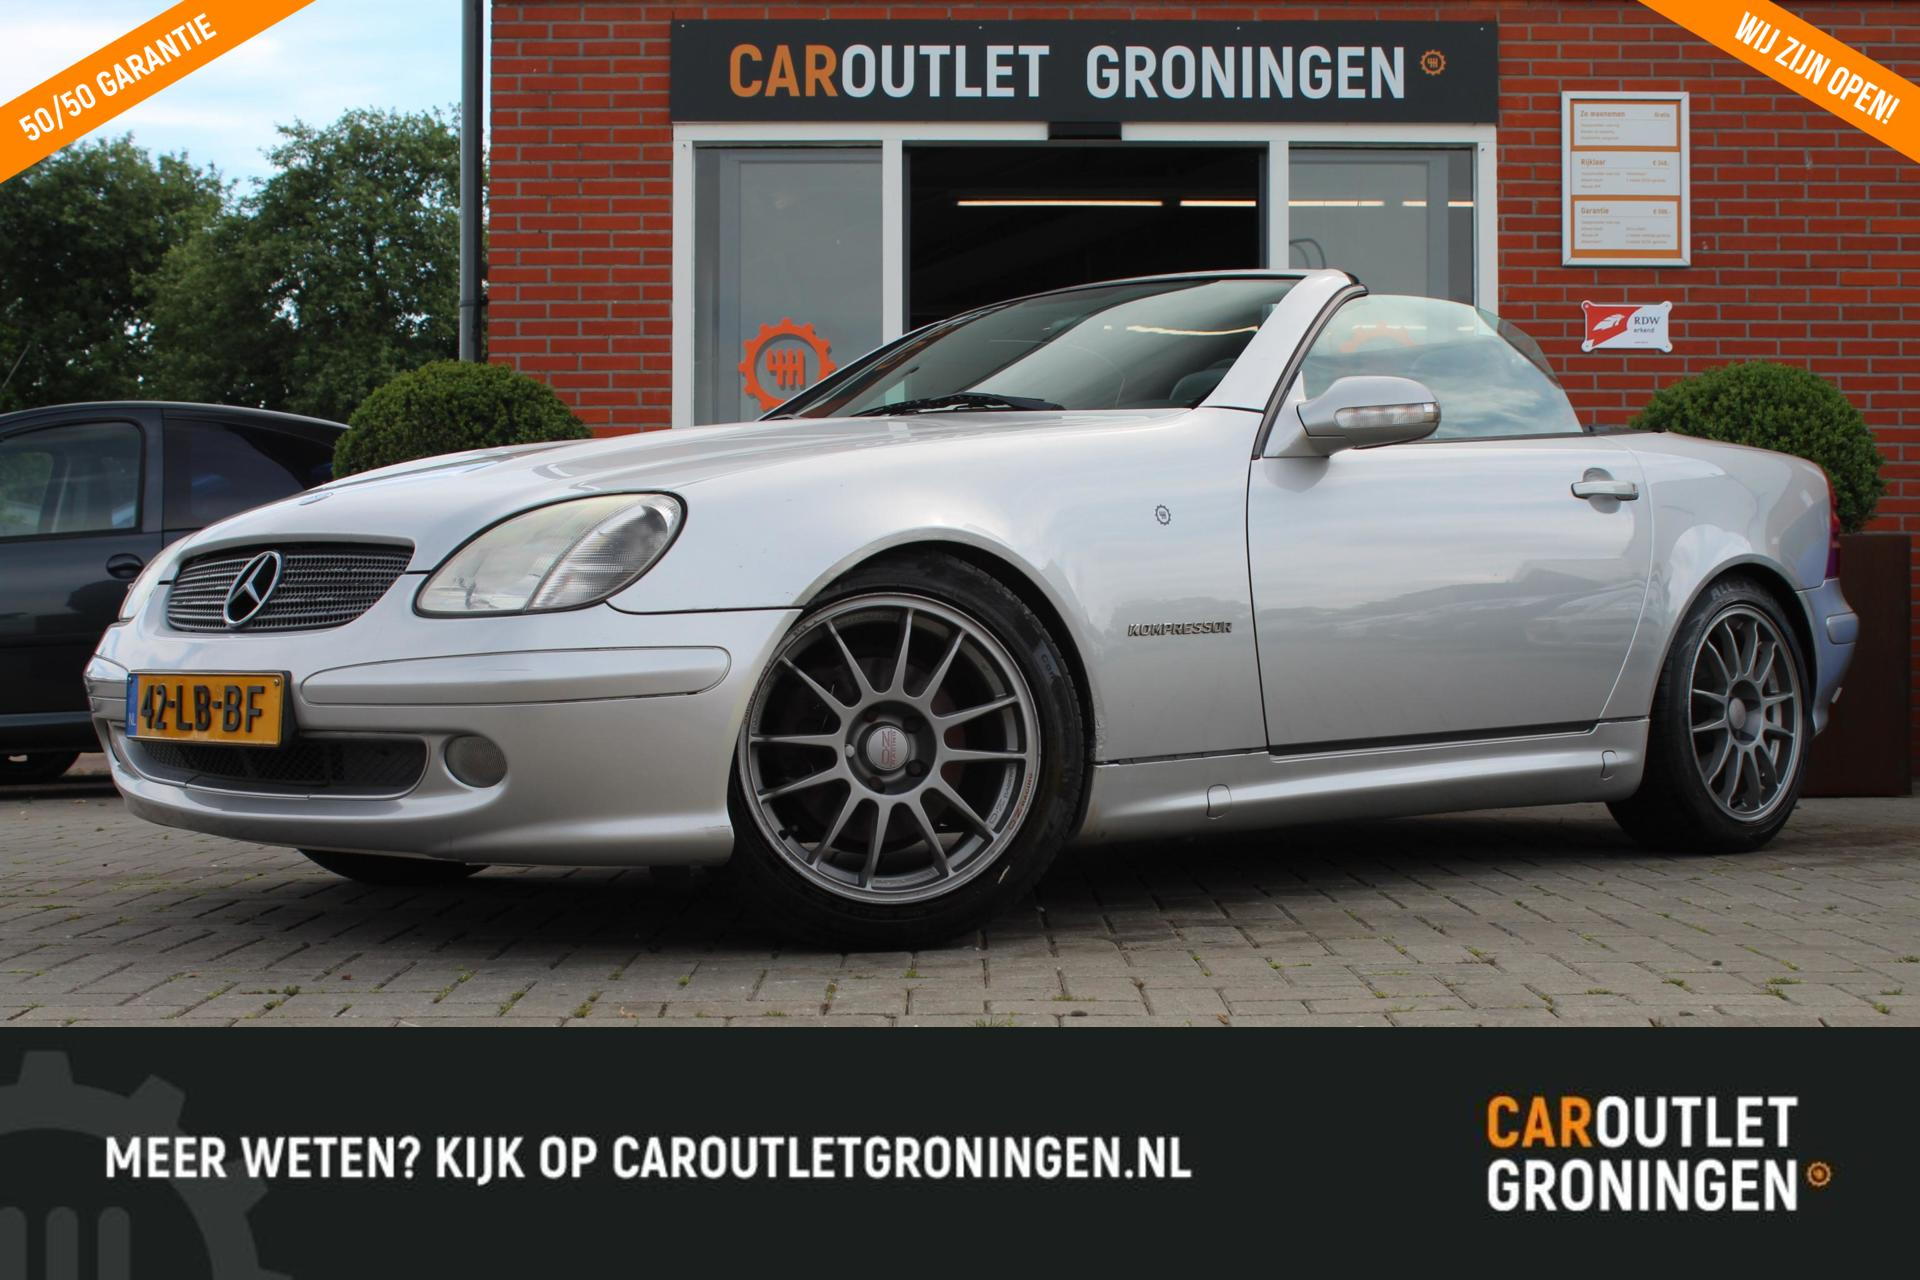 Caroutlet Groningen - Mercedes SLK-klasse 200 Kompressor   NET BINNEN  